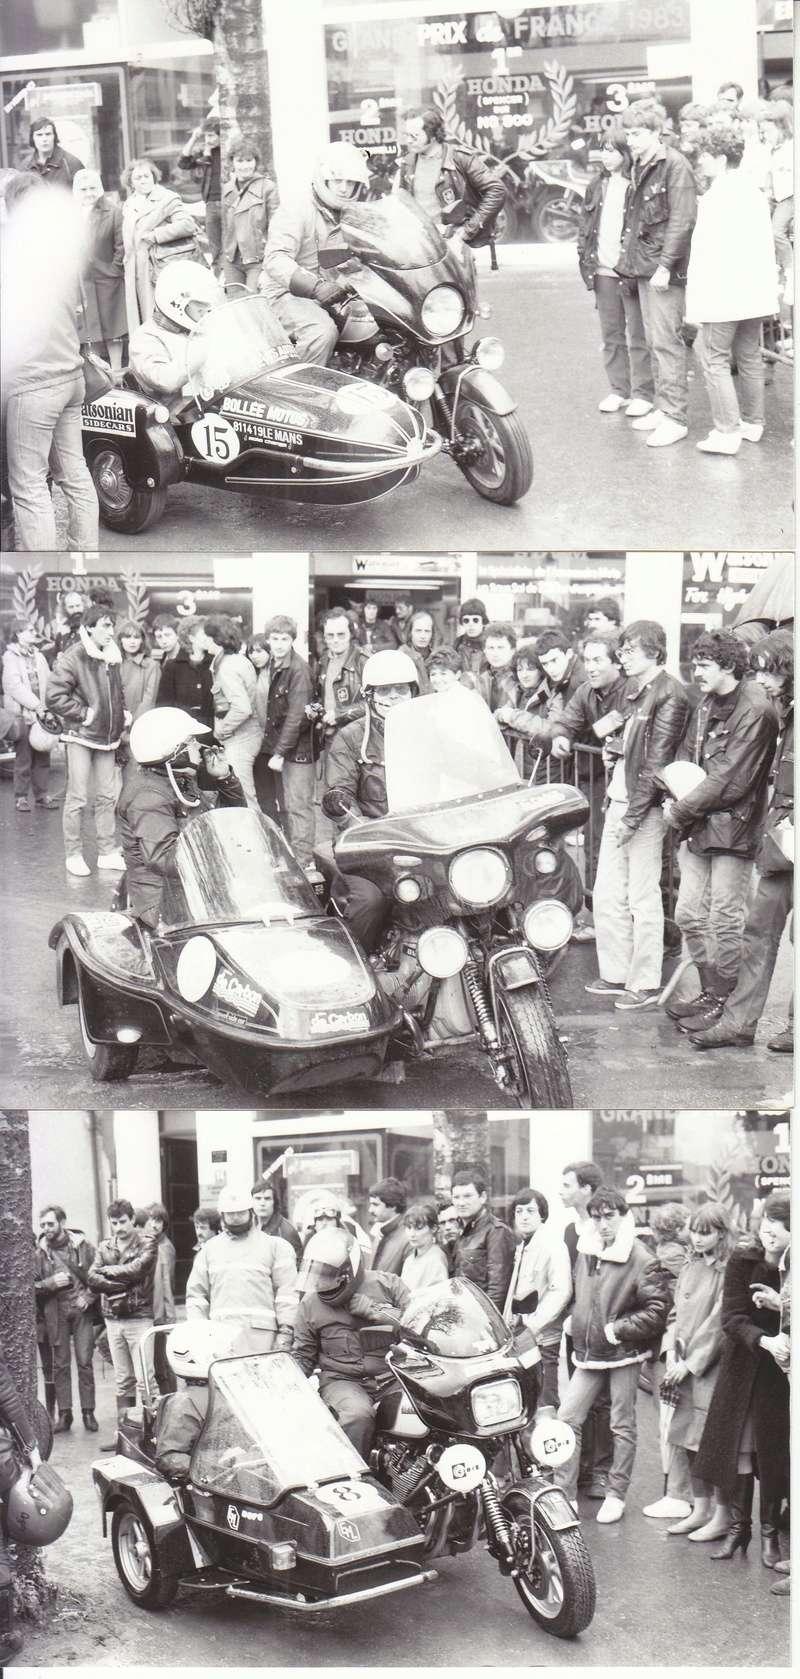 [Oldies] 1980 à 1988: Le Tour de France side-car, par Joël Enndewell  - Page 17 Sans_t49